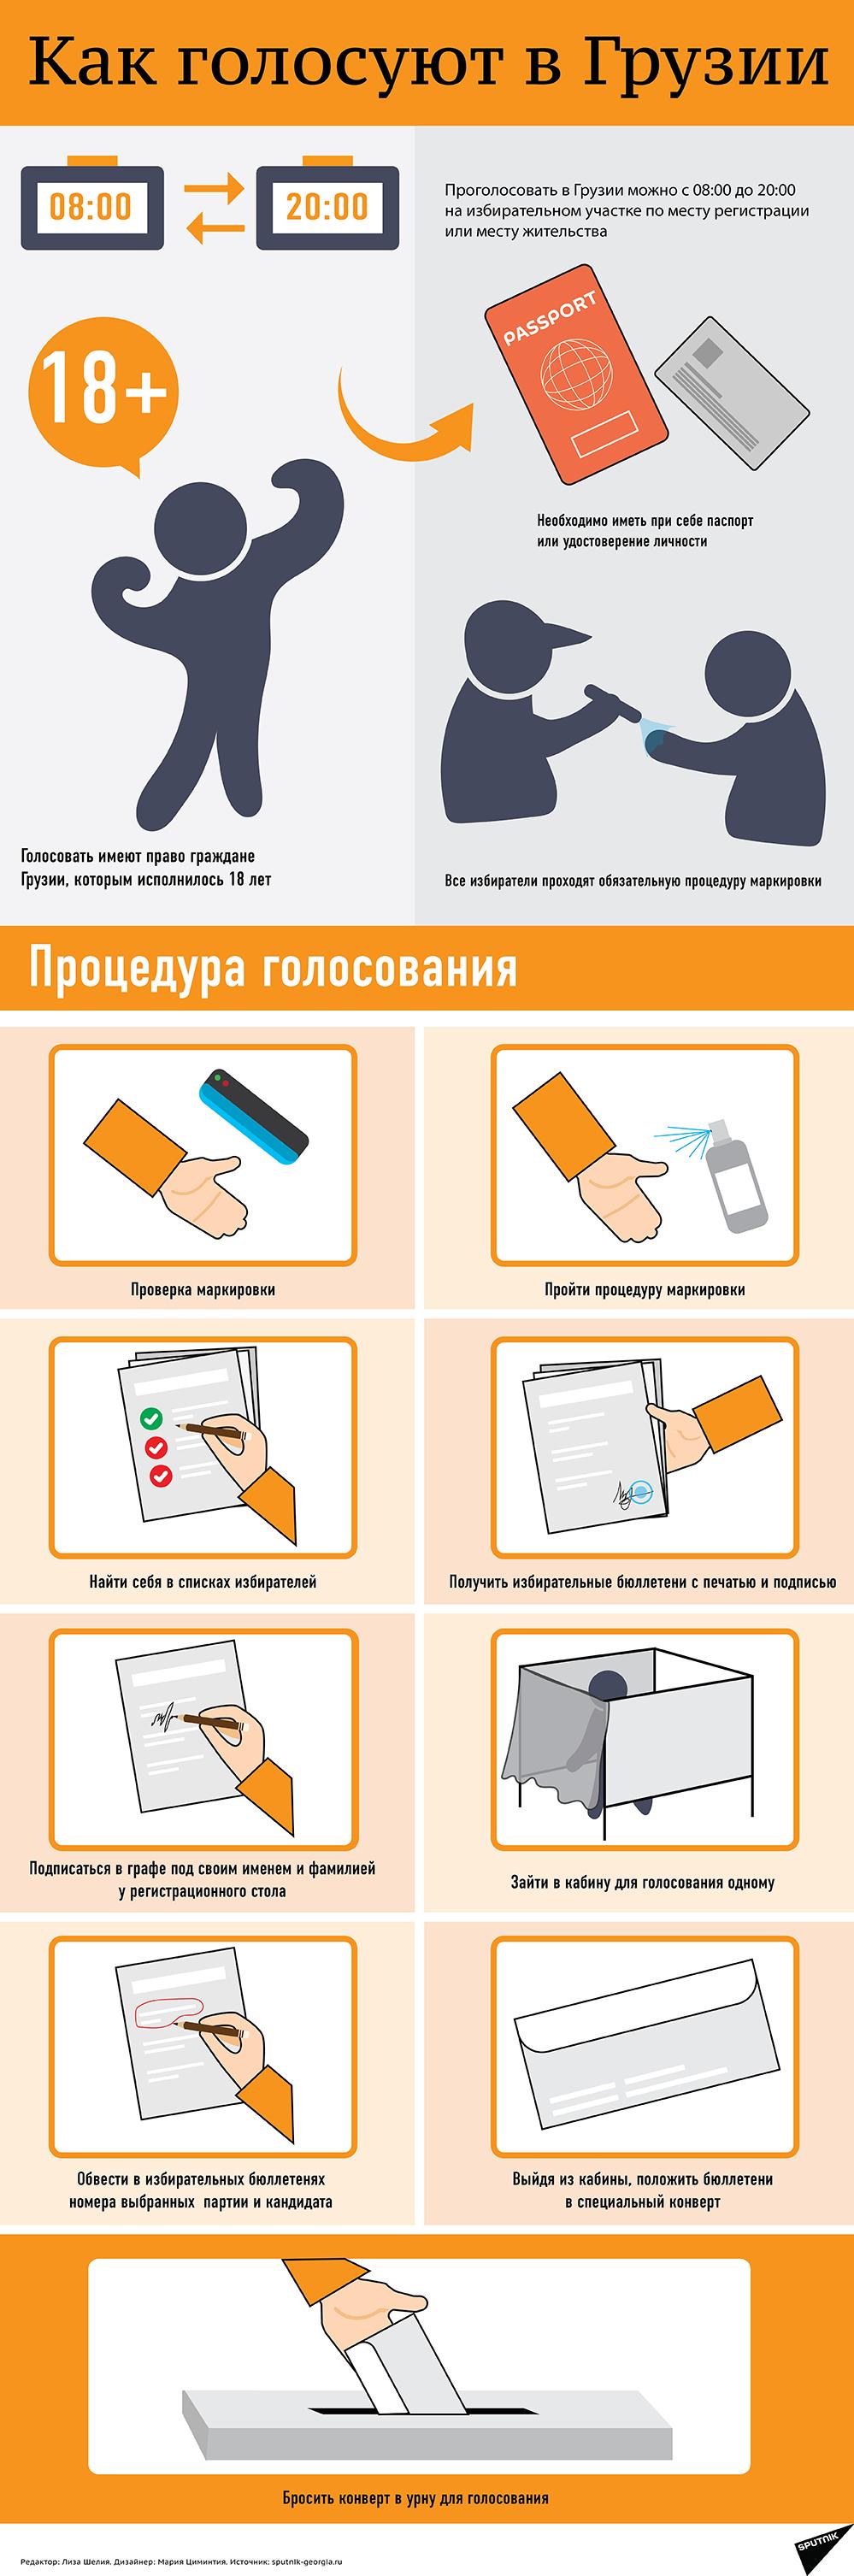 Выборы в Грузии: как голосовать